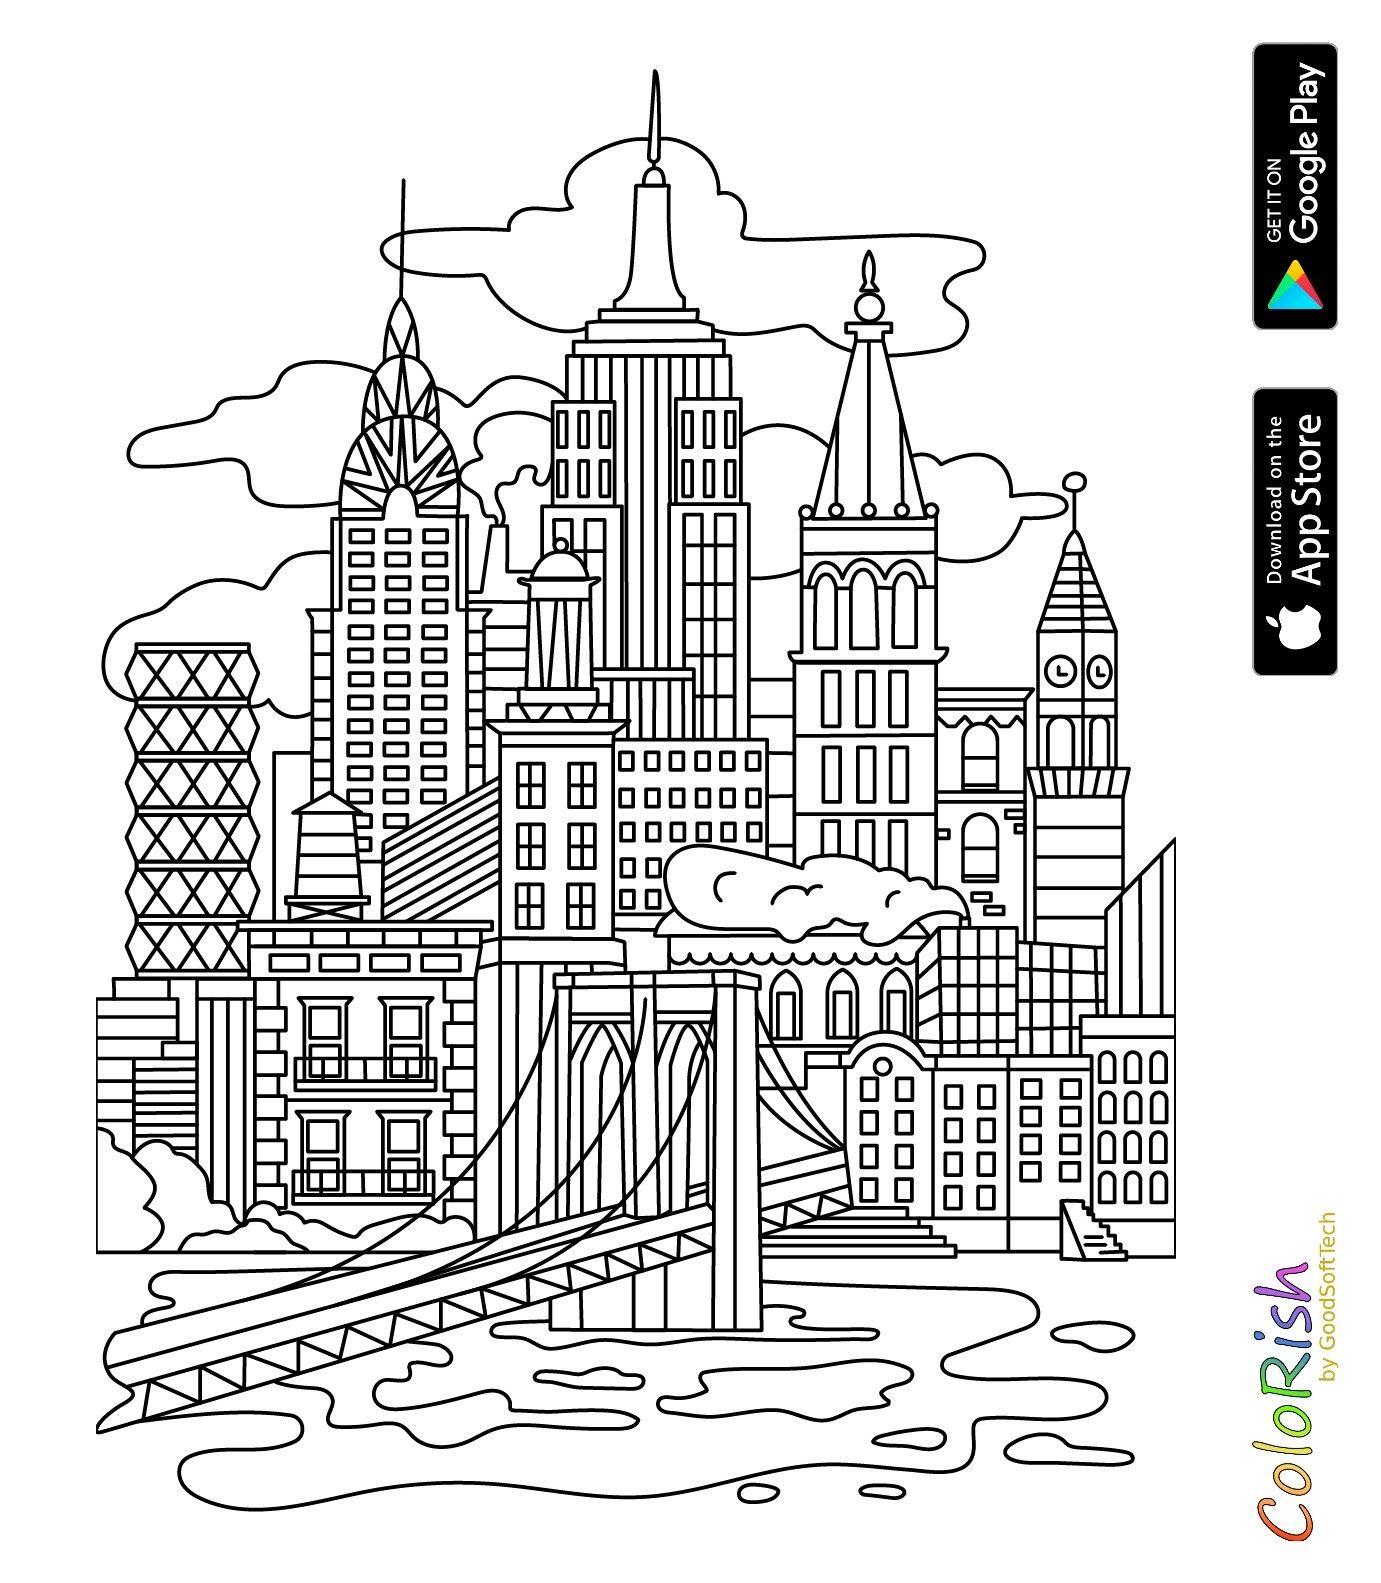 Pin Van Barbara Op Coloring Buildings City Kleurplaten Creatieve Ideeen Decoratie